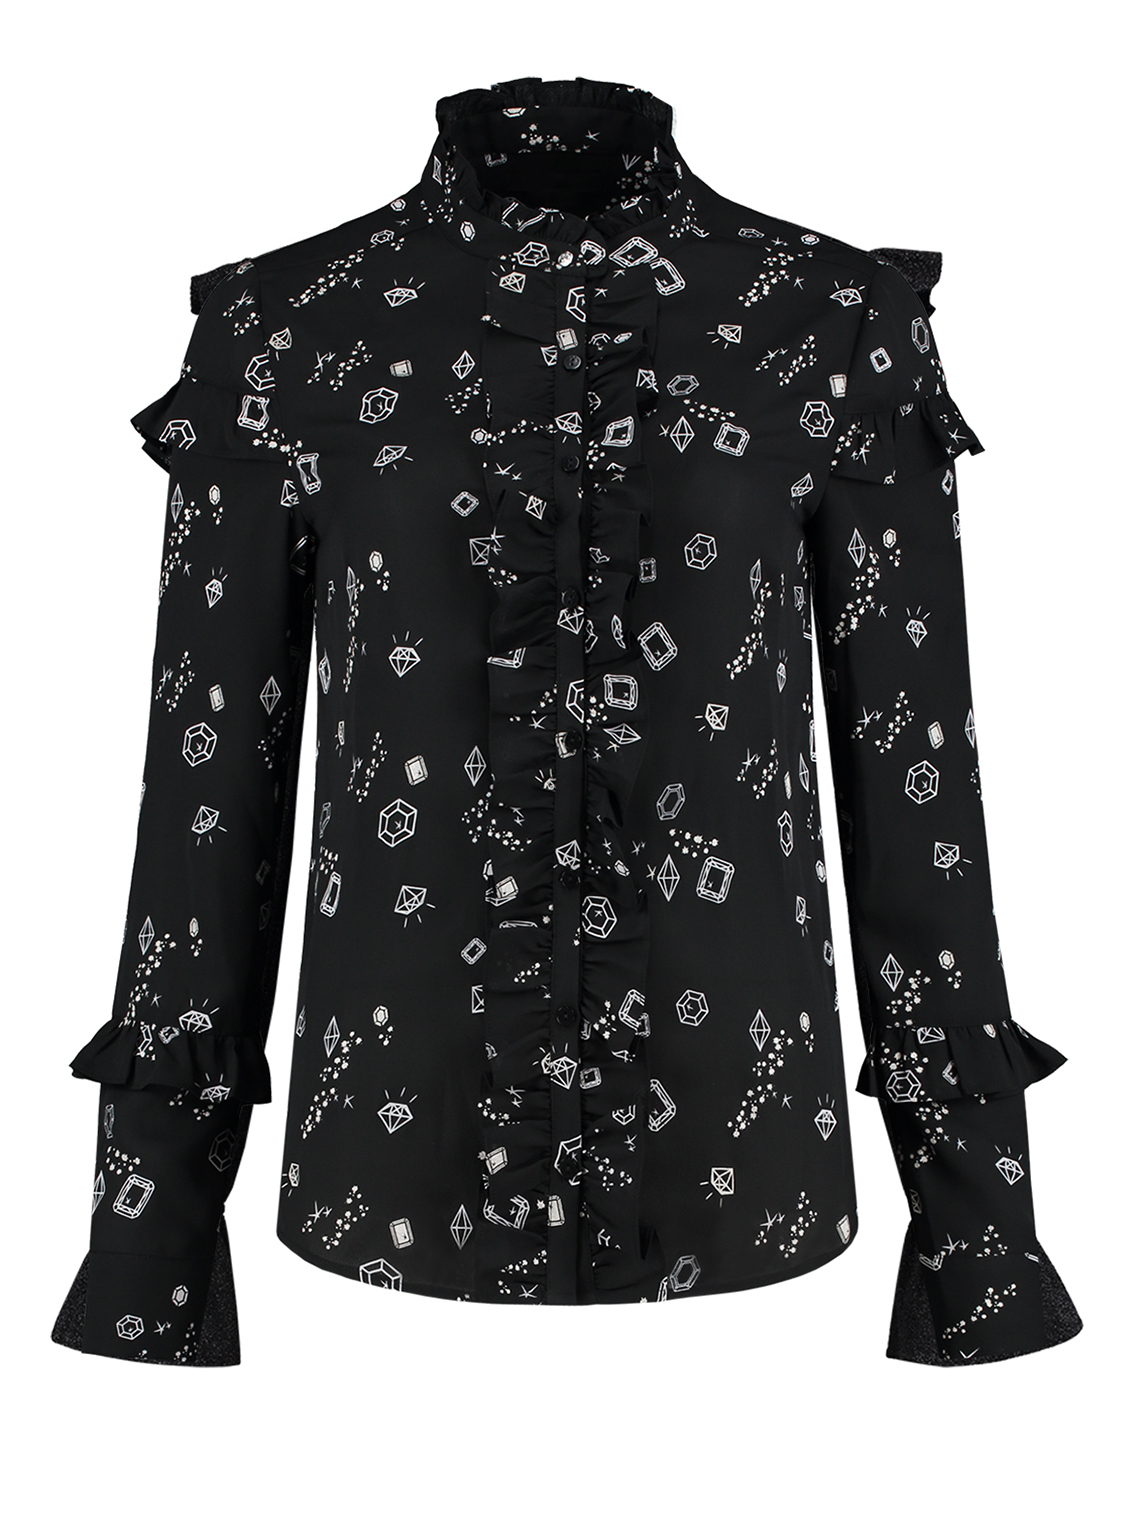 Zwarte dames blouse met all-over diamanten print Nikkie - N6-760 1901 9000